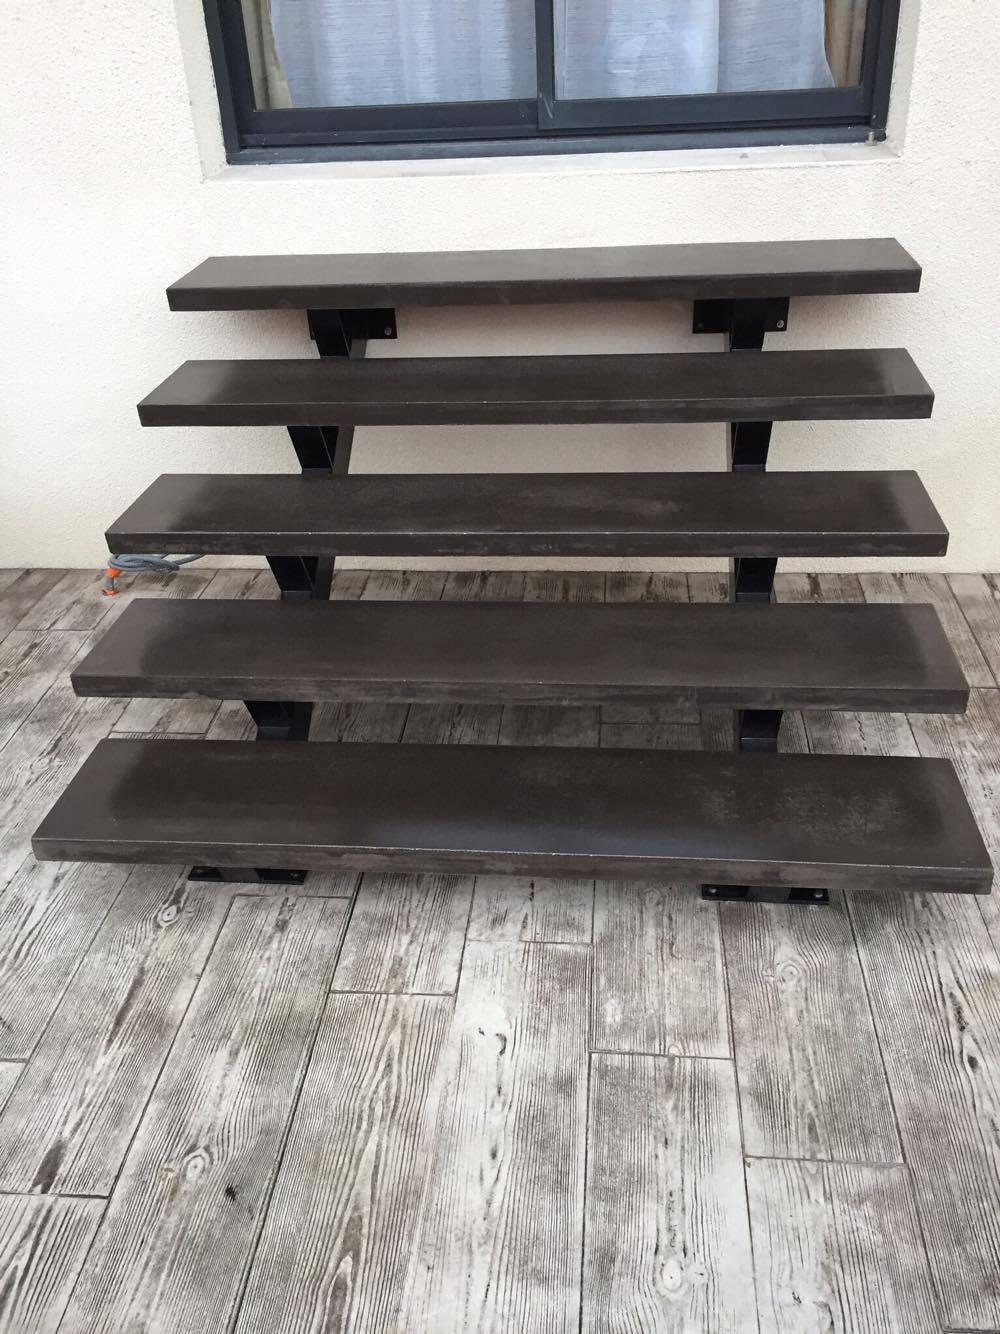 fabrication et pose d 39 escalier en b ton teint. Black Bedroom Furniture Sets. Home Design Ideas